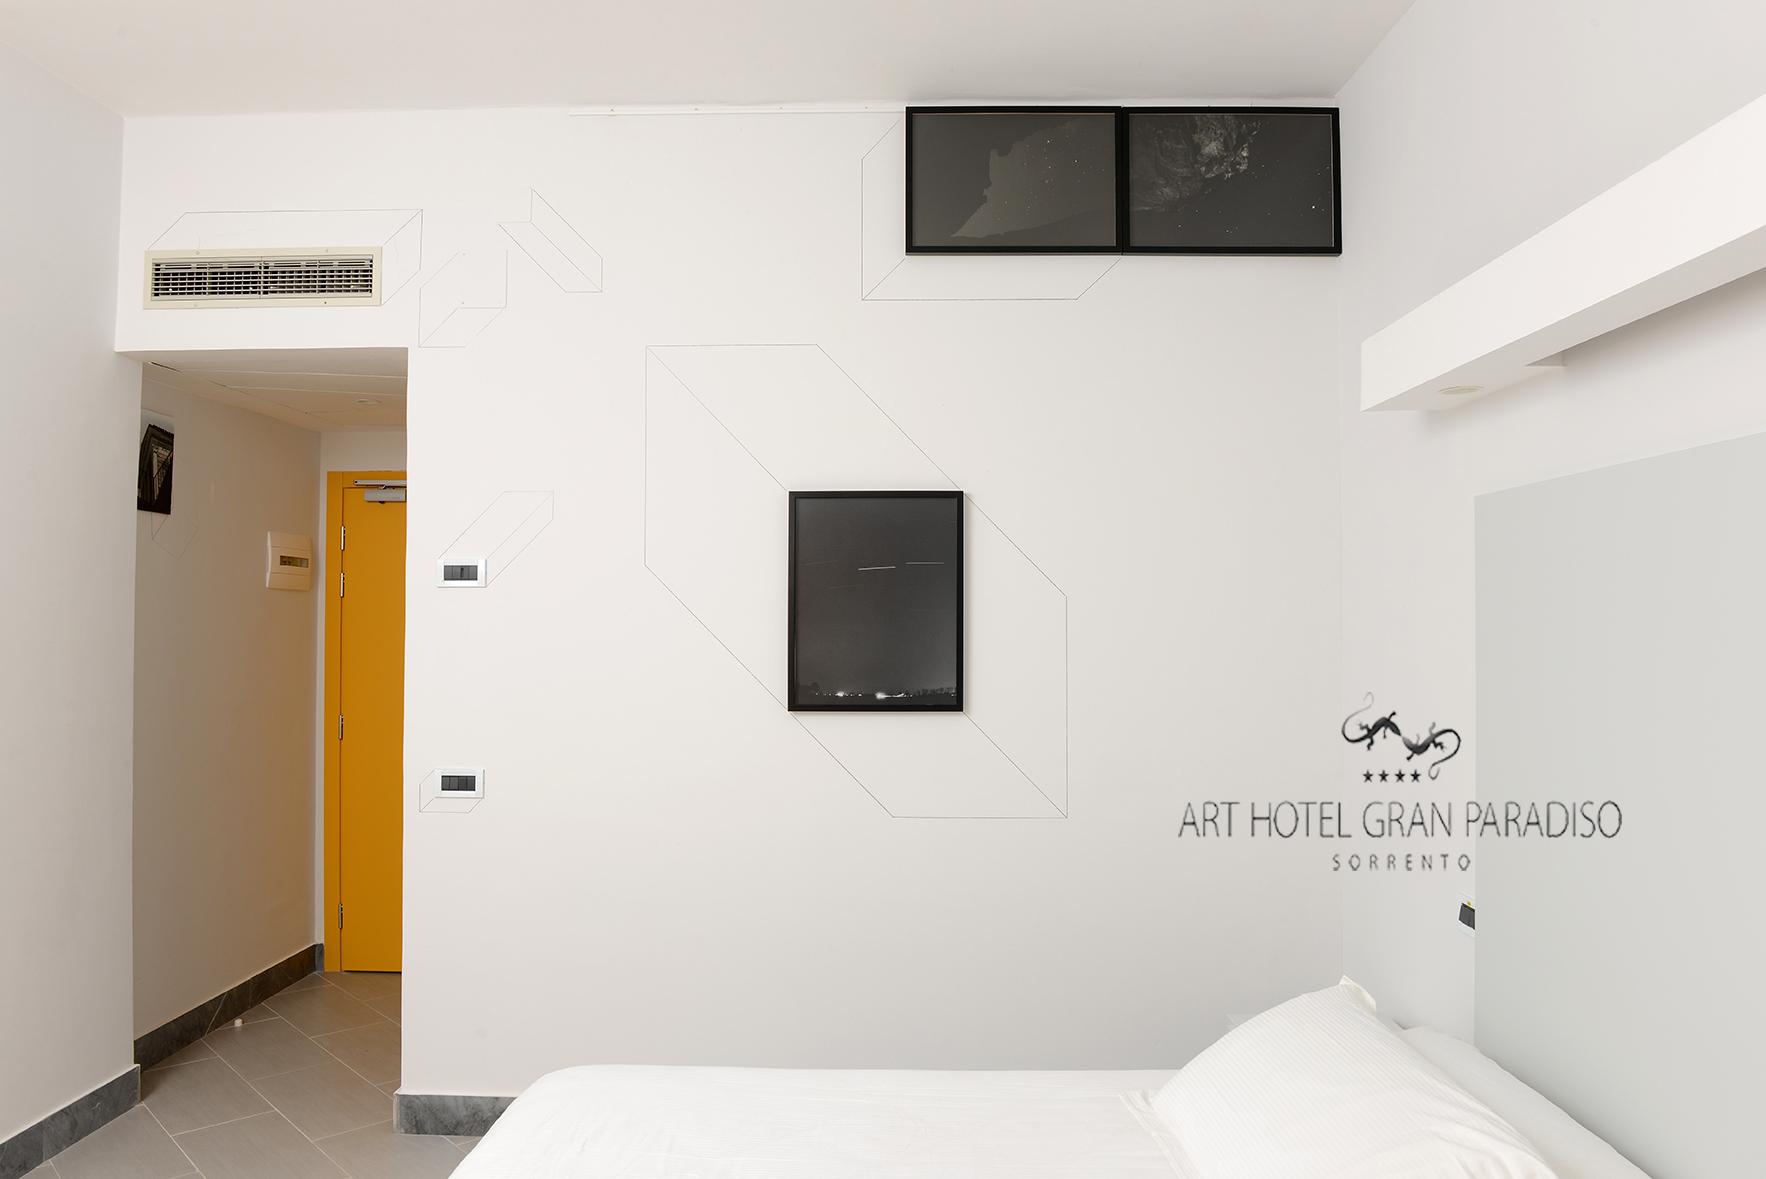 Art_Hotel_Gran_Paradiso_2013_403_Aurelio_Andrighetto_1.jpg